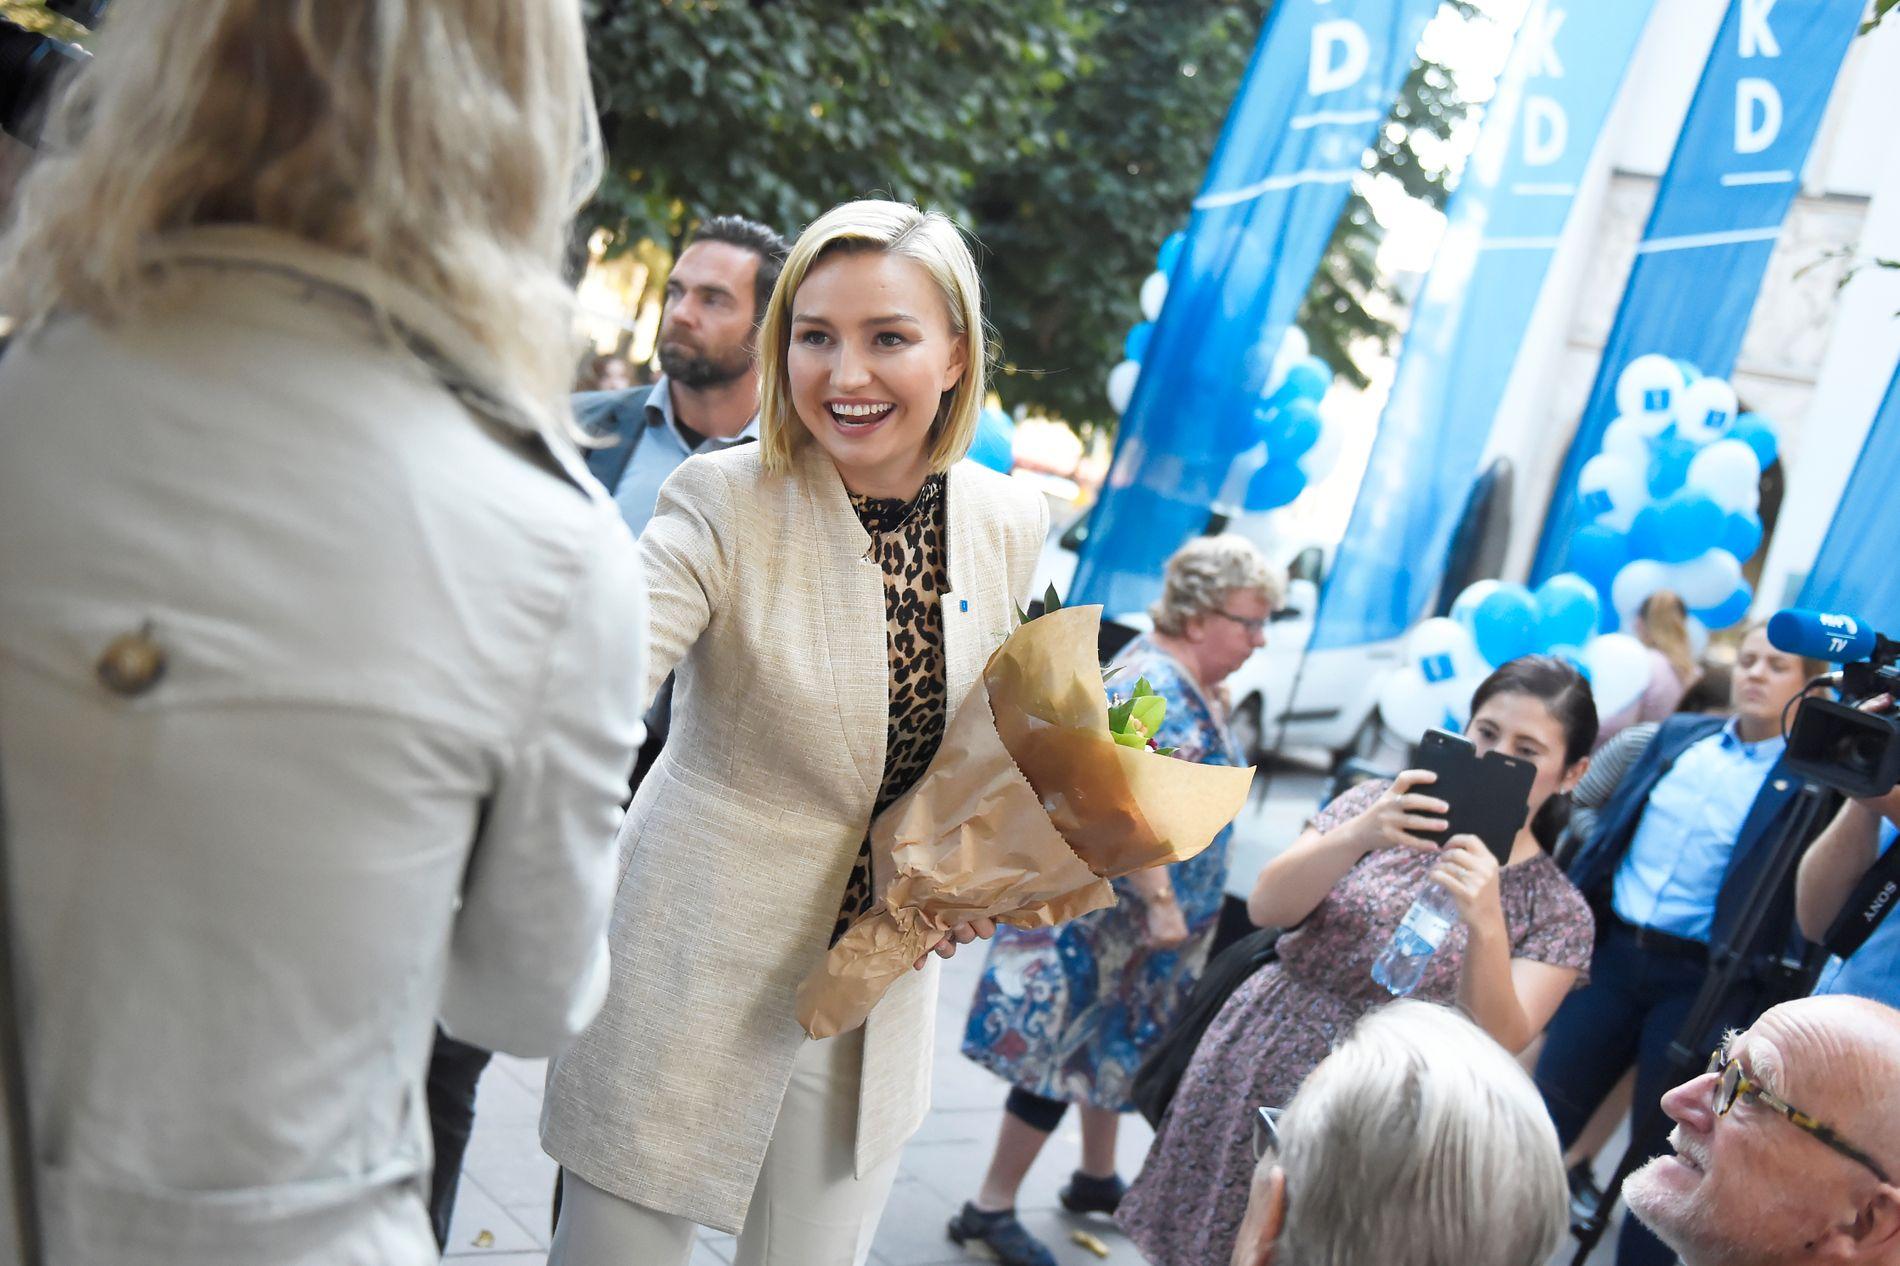 «VINNEREN»: Holder Ebba Busch Thor og Kristdemokraterna helt til mål. I hvert fall har den unge partilederen startet en langspurt som kan gjøre henne til valgets vinner.